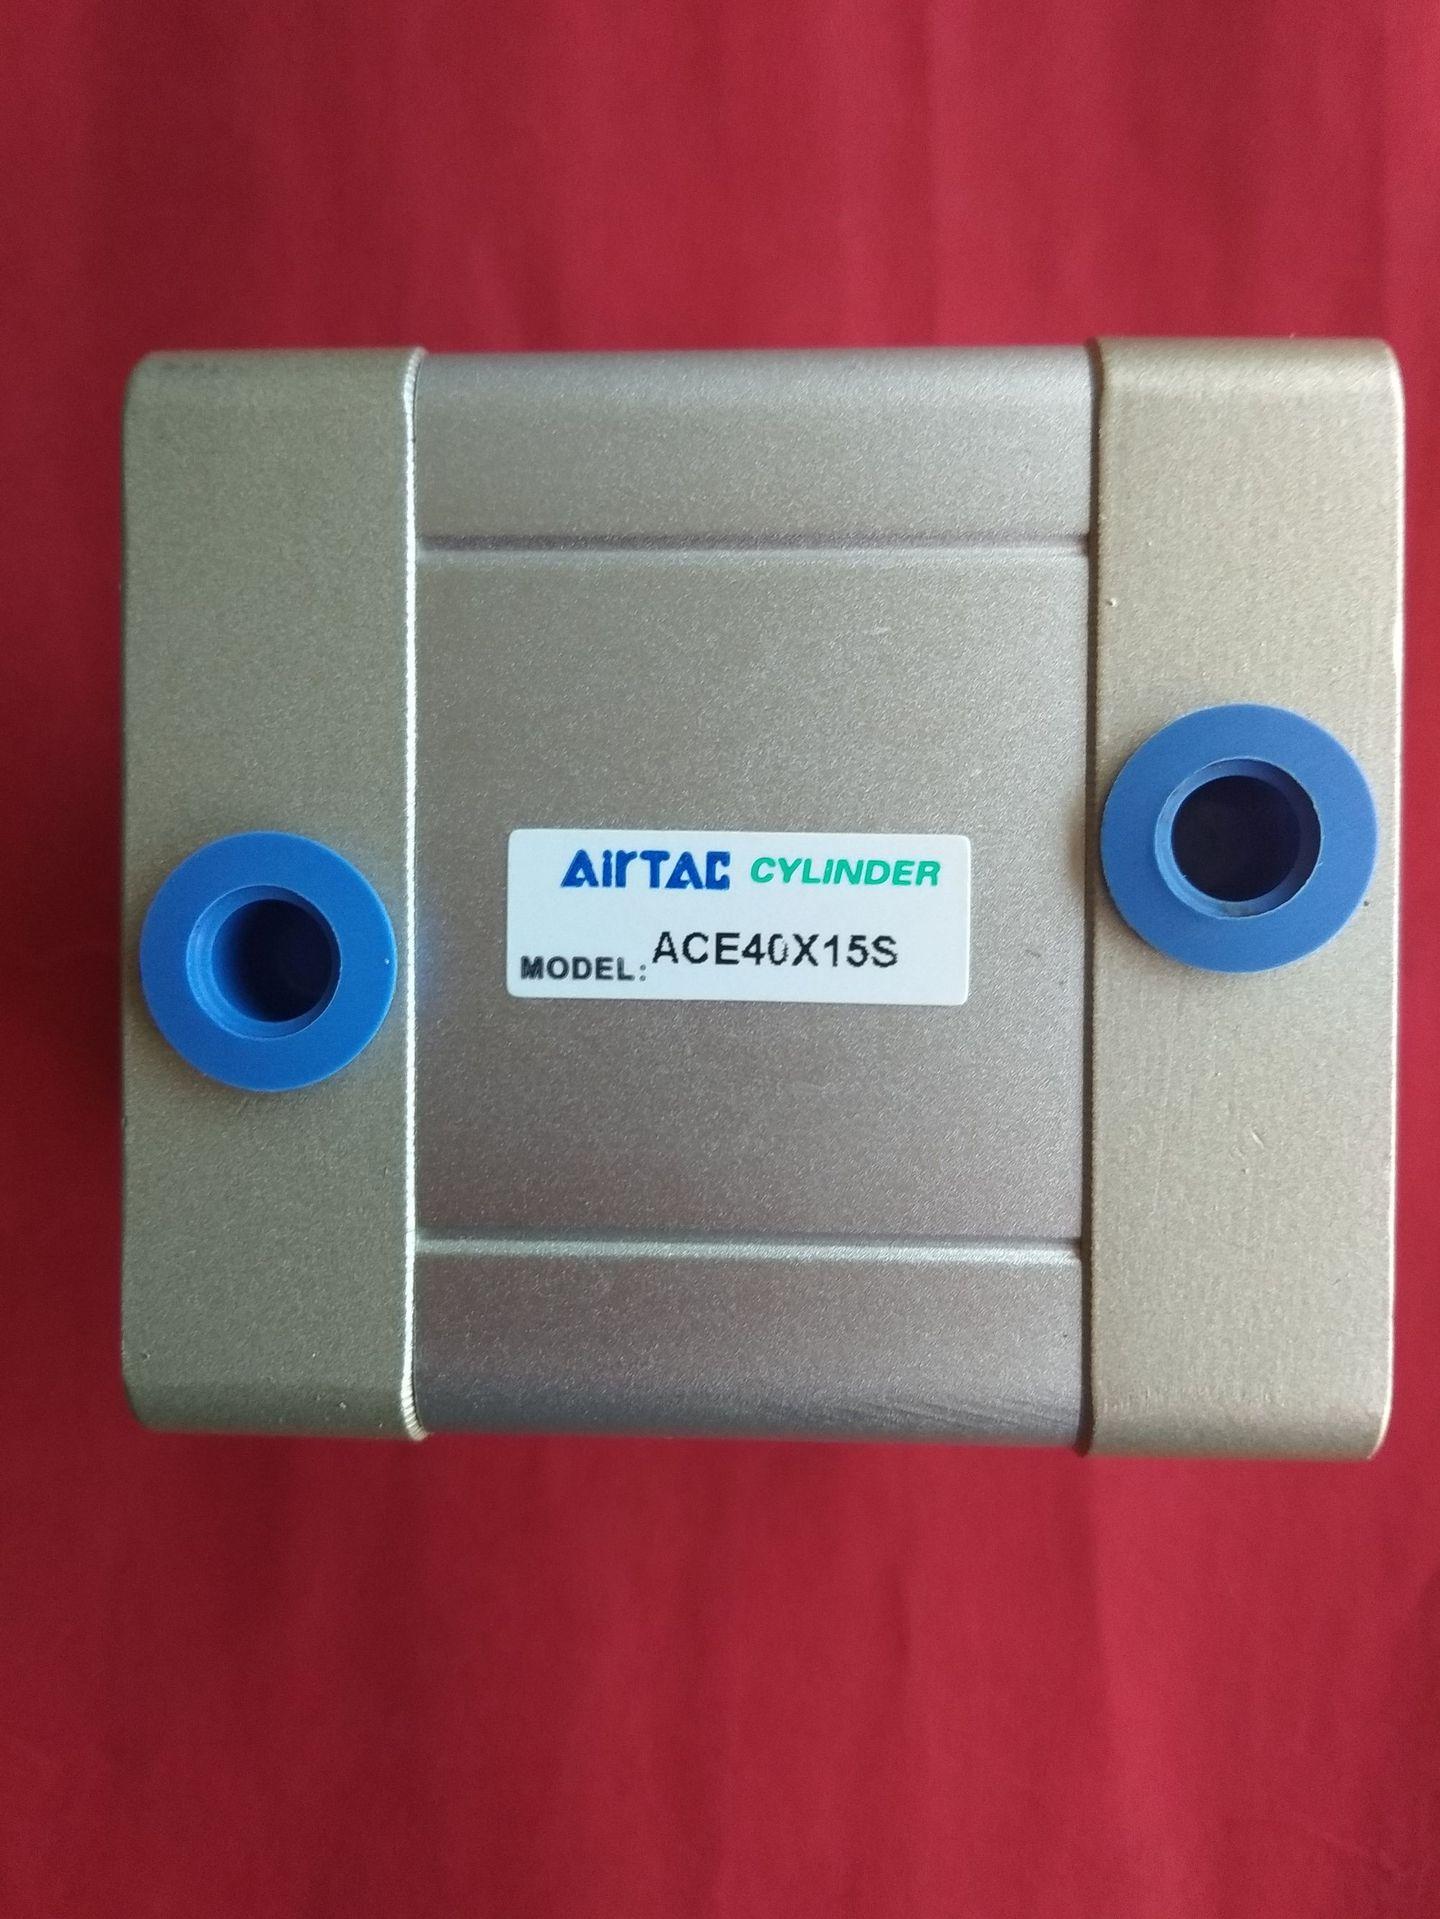 销售亚德客气缸,规格ACE、ASE、ATE、ACED、ACEJ多种规格可选。